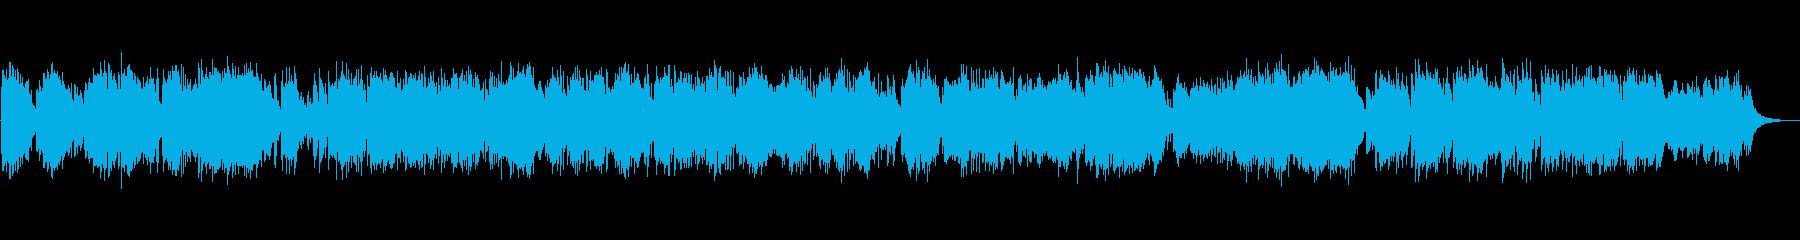 穏やかなピアノソロの再生済みの波形